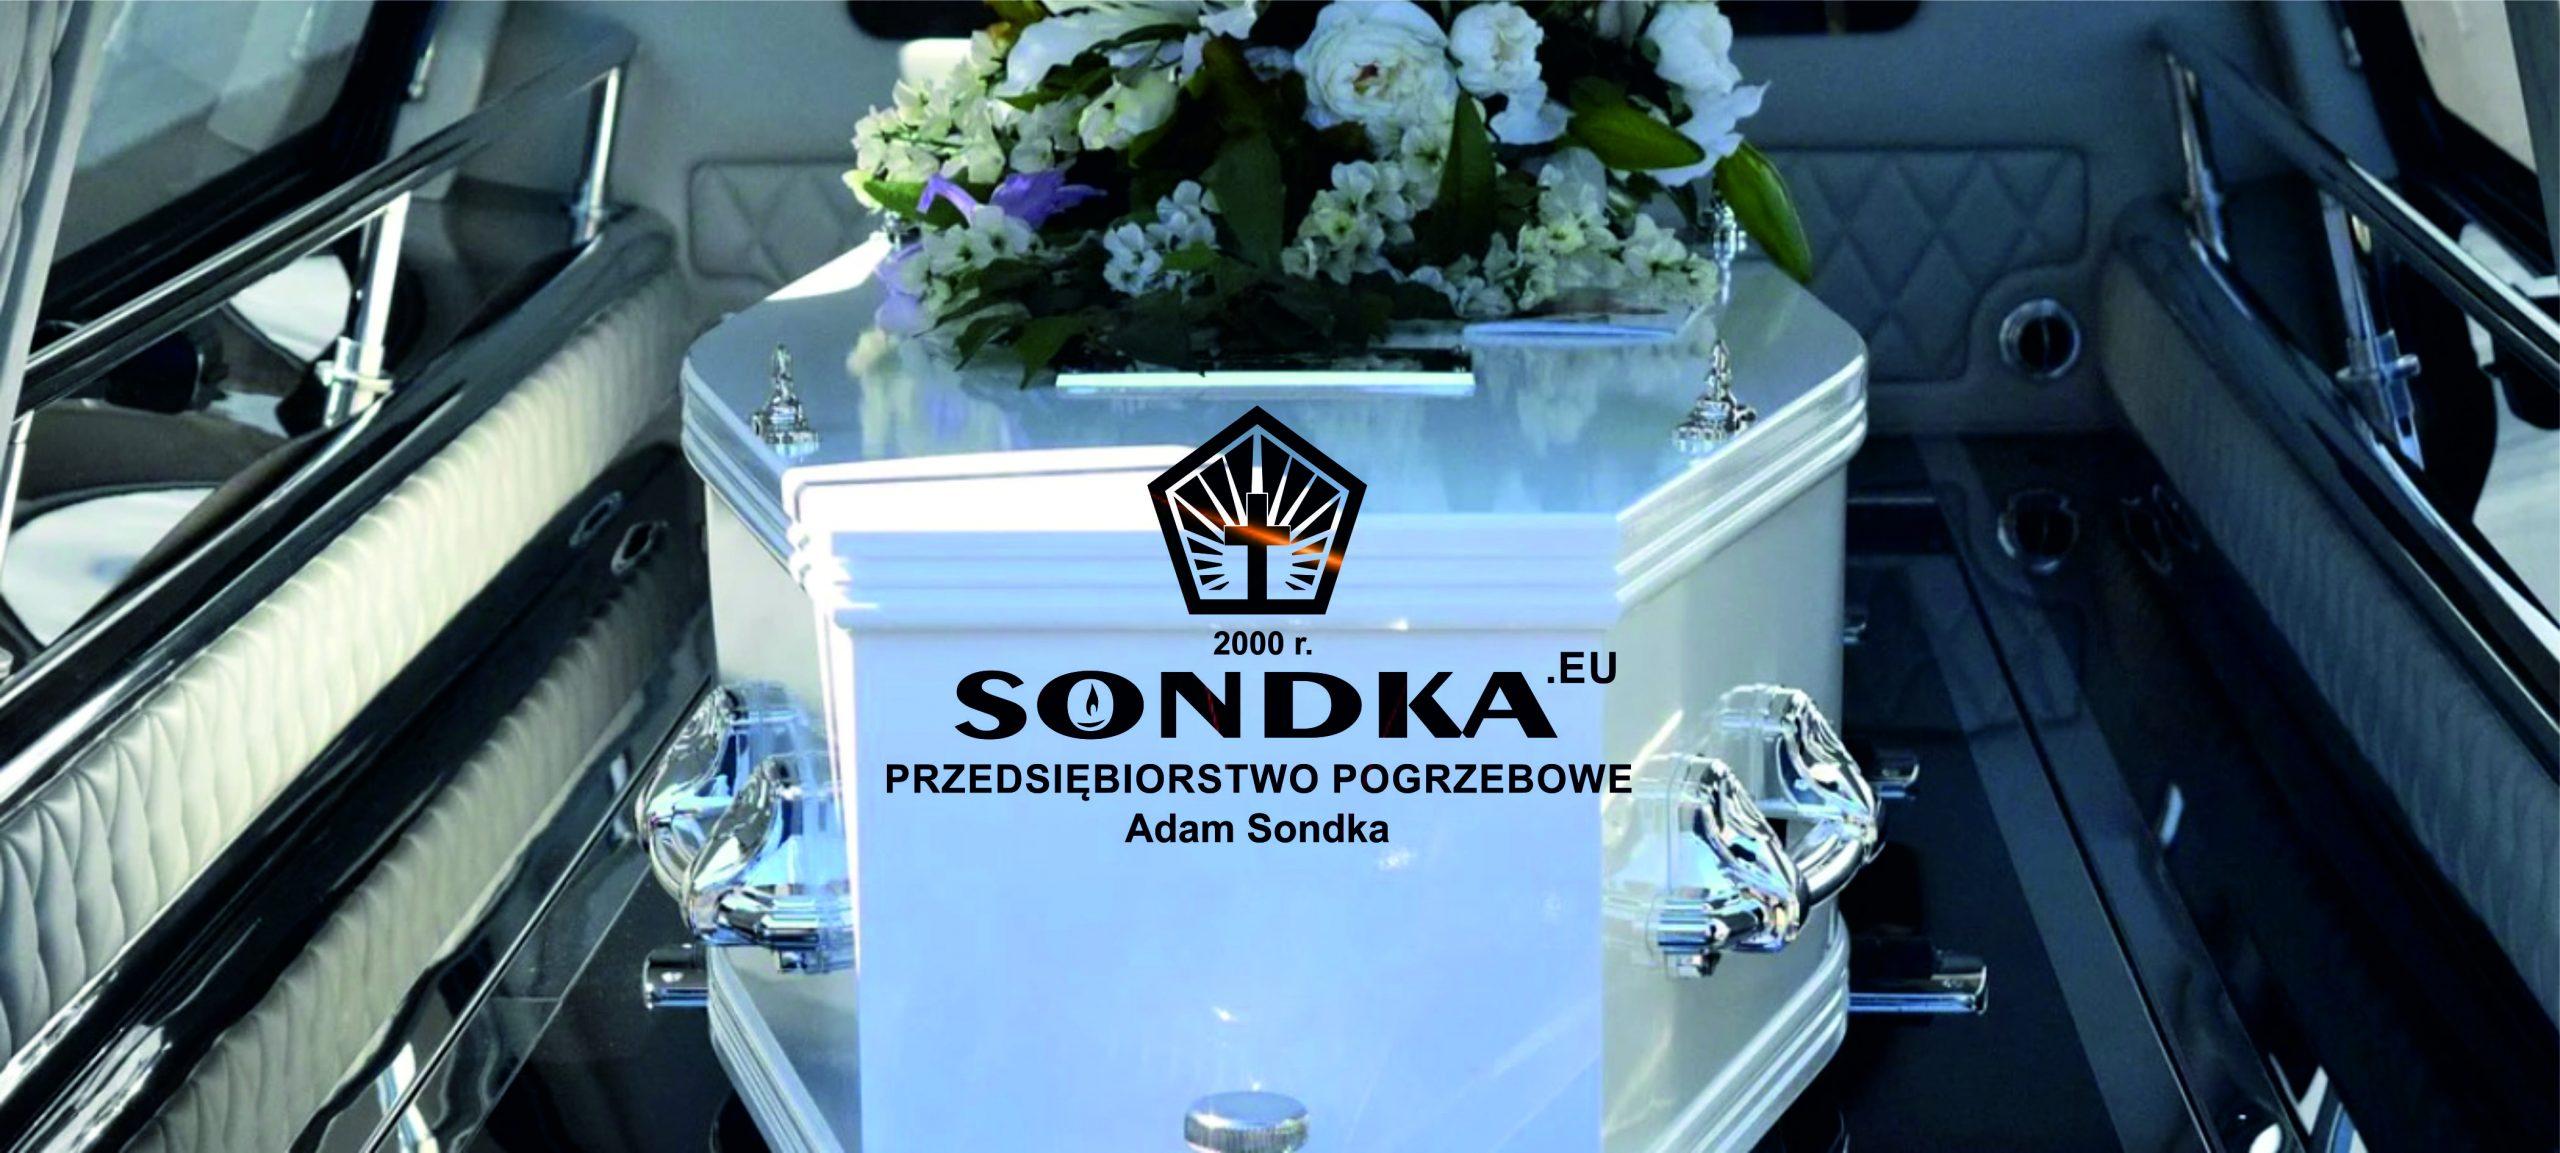 SONDKA.EU-wizytówka2